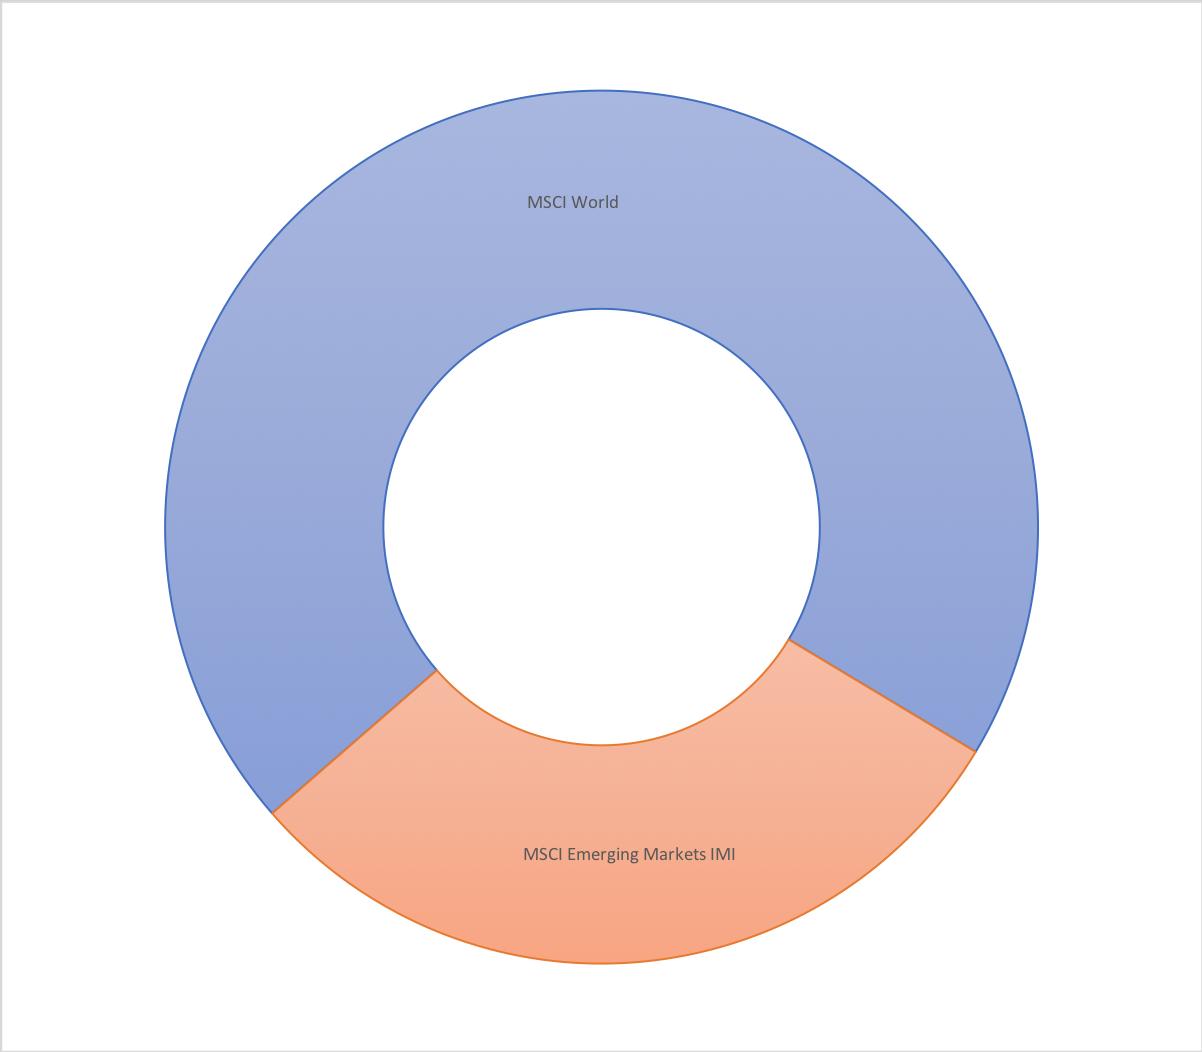 Ein Weltportfolio mit zwei Indices